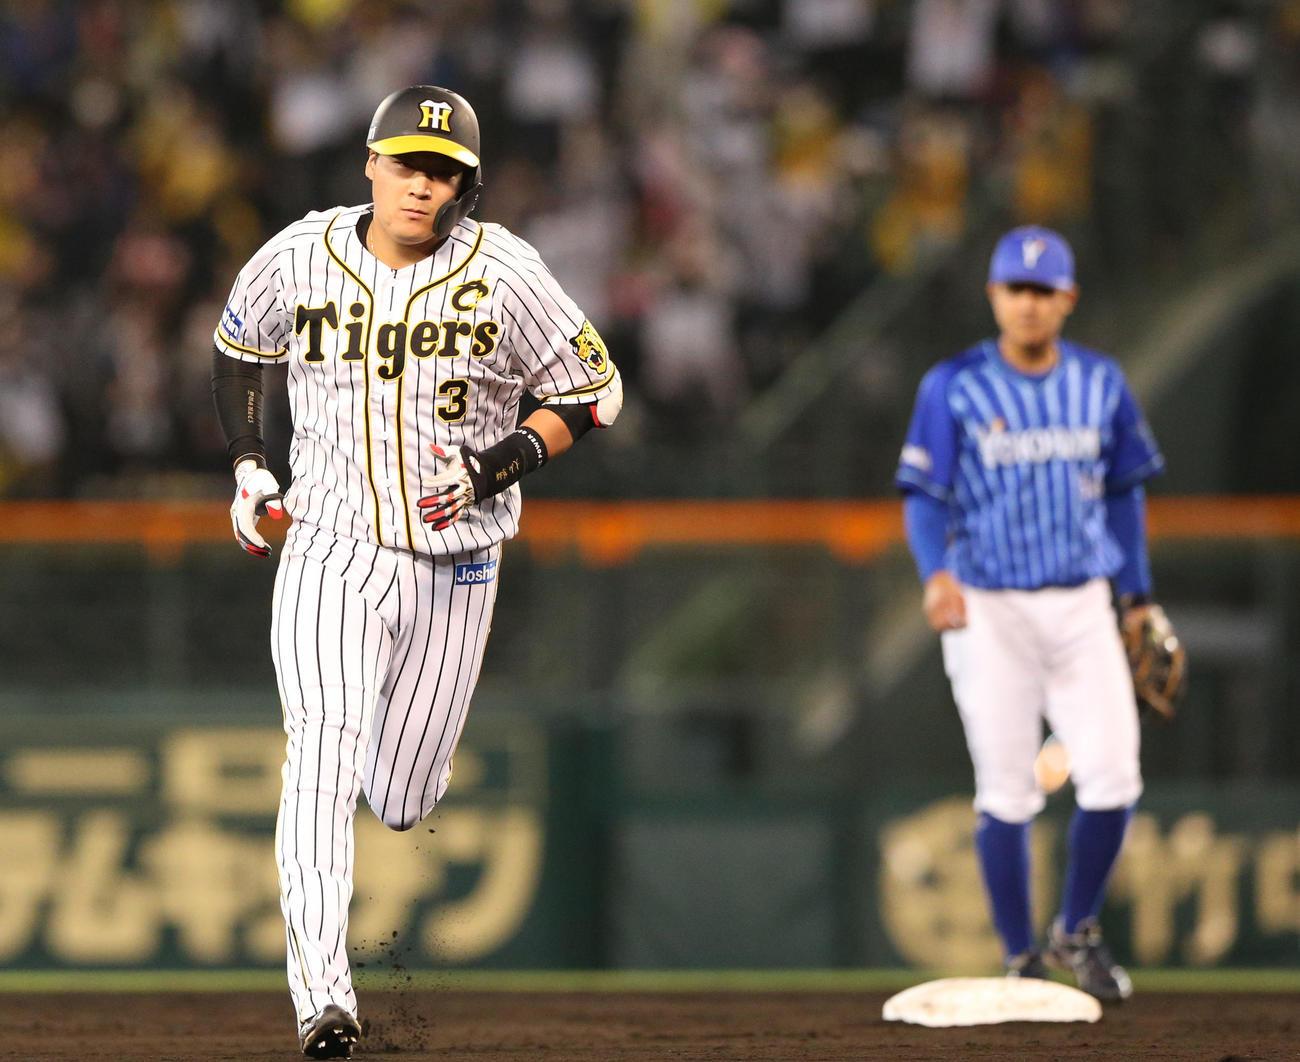 阪神対DeNA 4回裏阪神2死、大山は左越え本塁打を放ちベースランする(撮影・上山淳一)